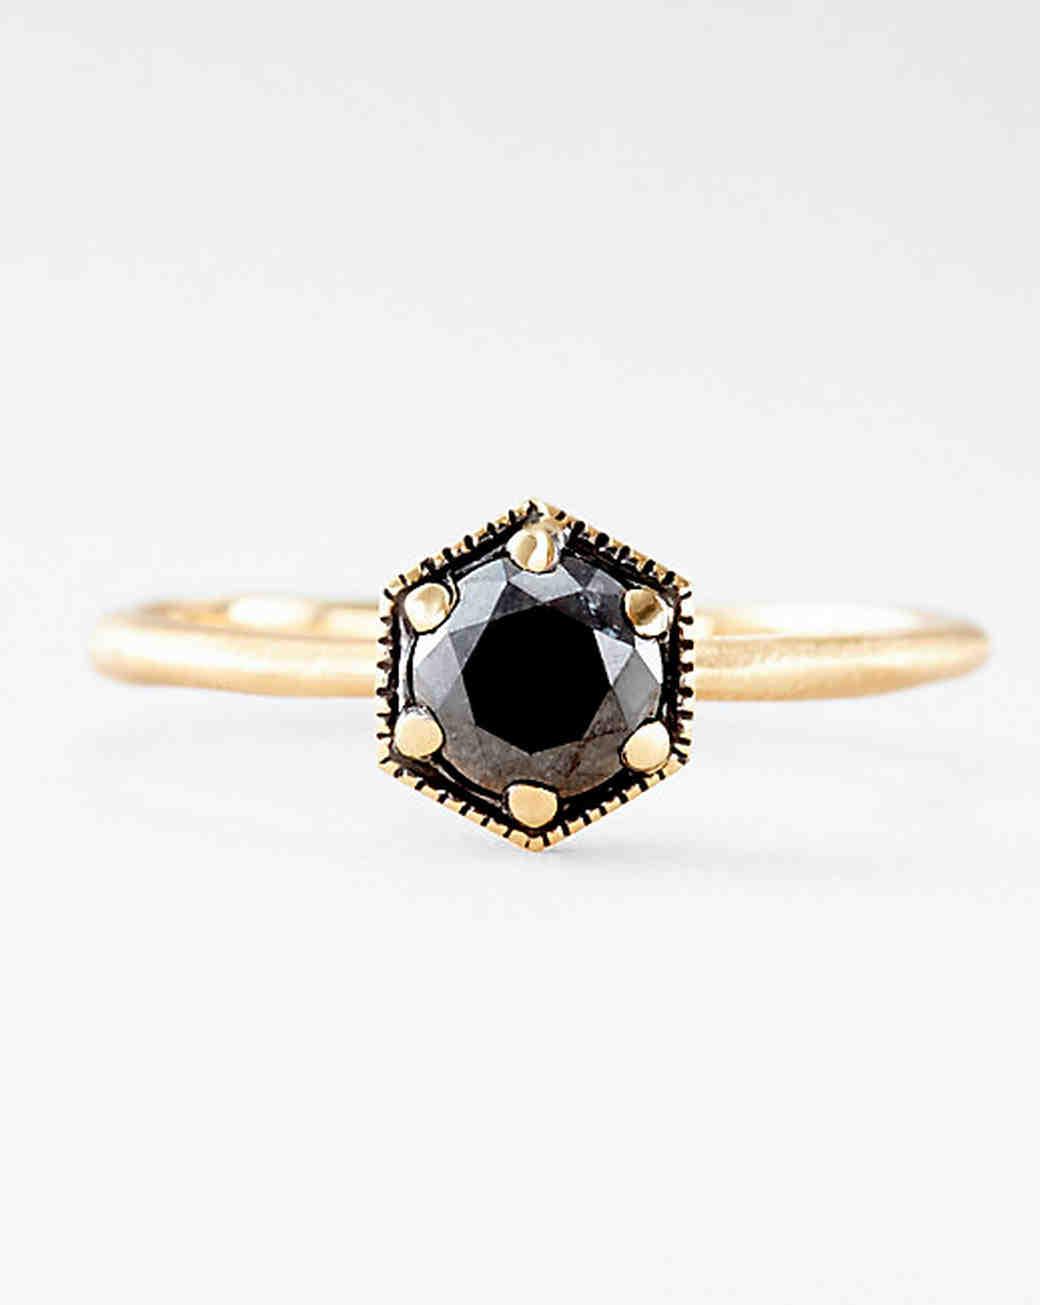 black-diamond-engagement-rings-stevenalan-satomi-kawakita-0814.jpg